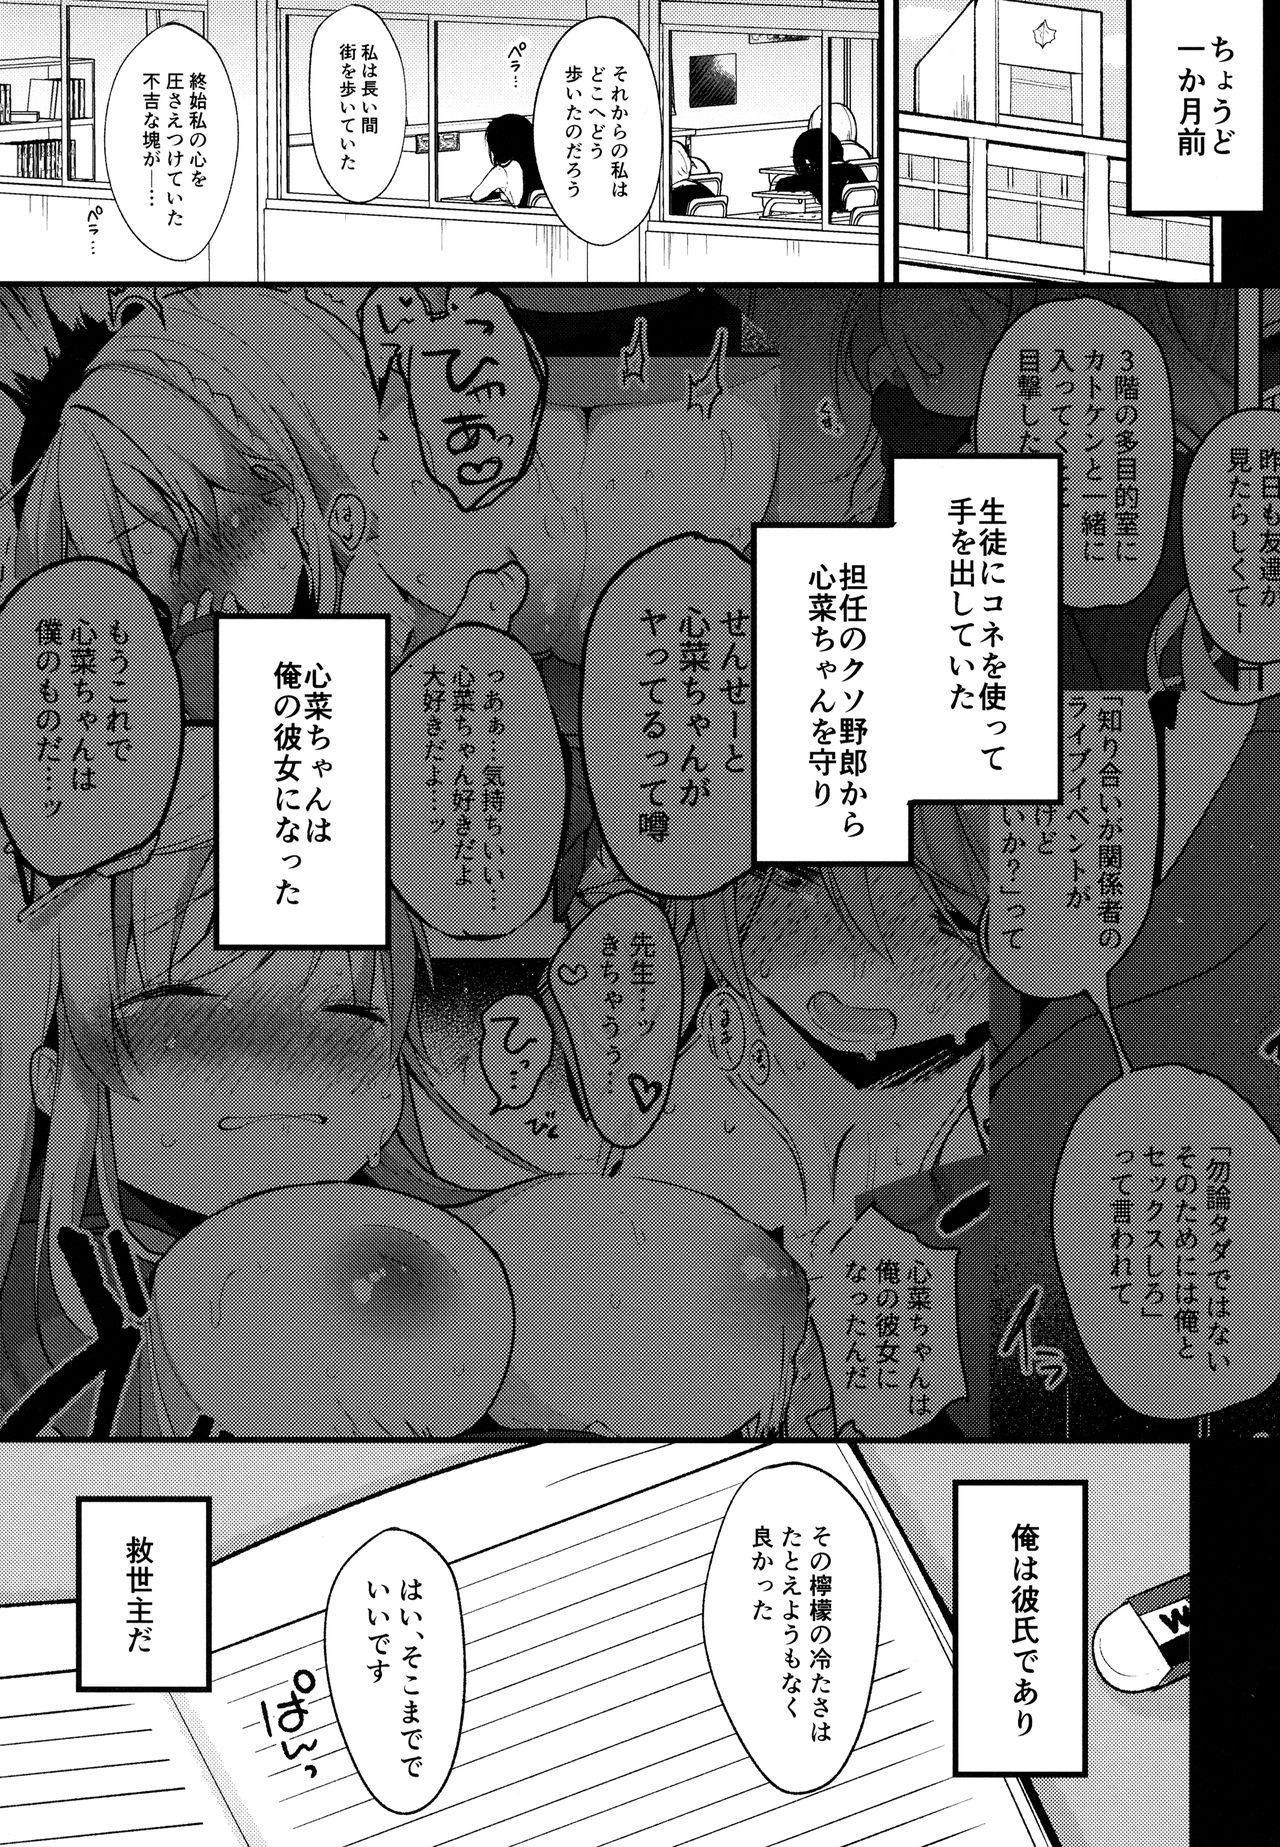 Boku no Kanojo o Shoukai Shimasu 2 5